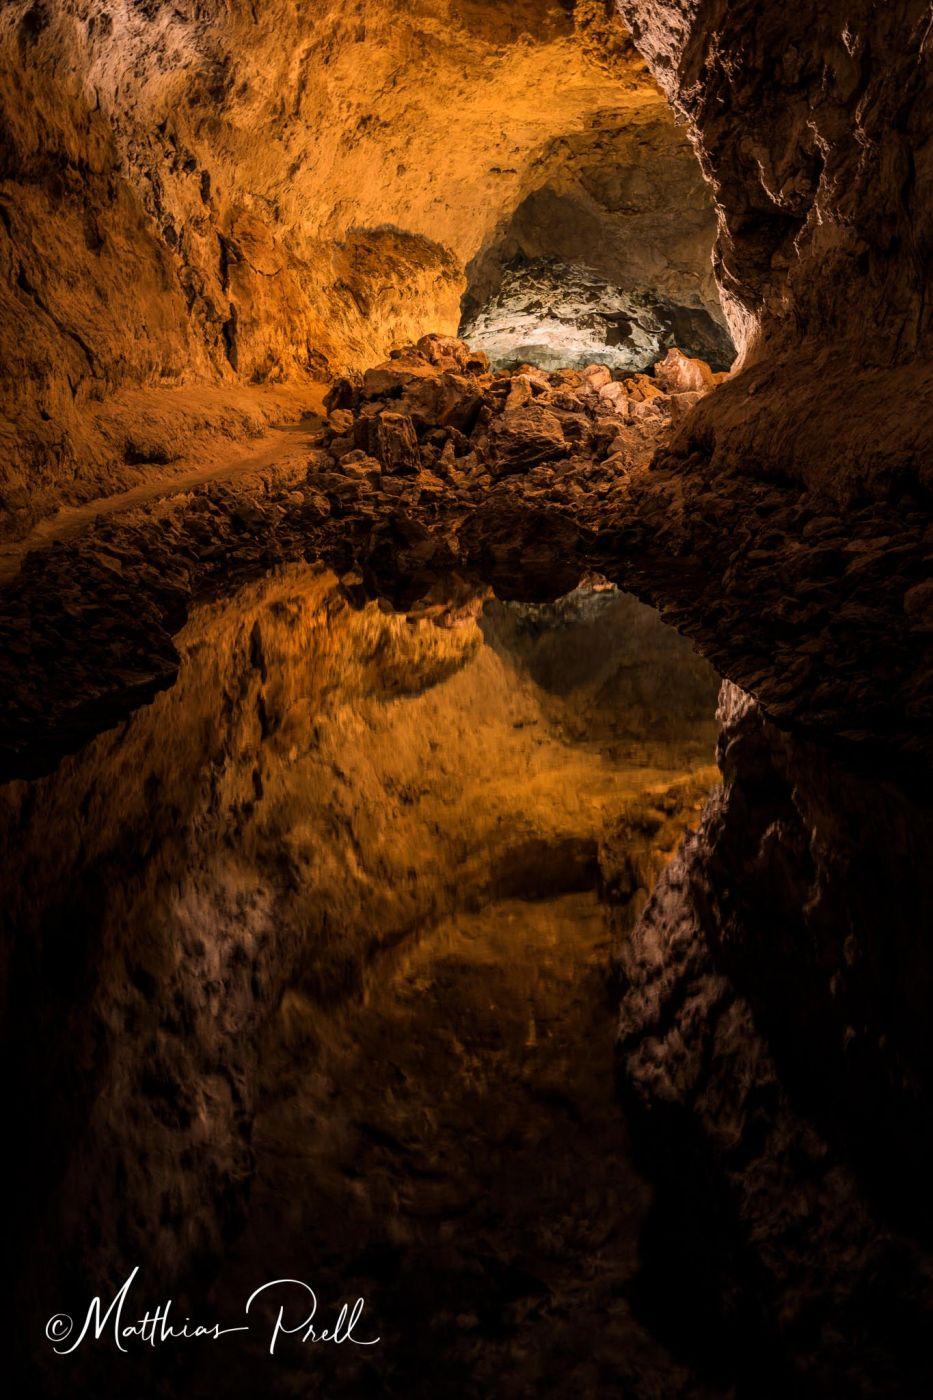 Cueva de los Verdes, Spain